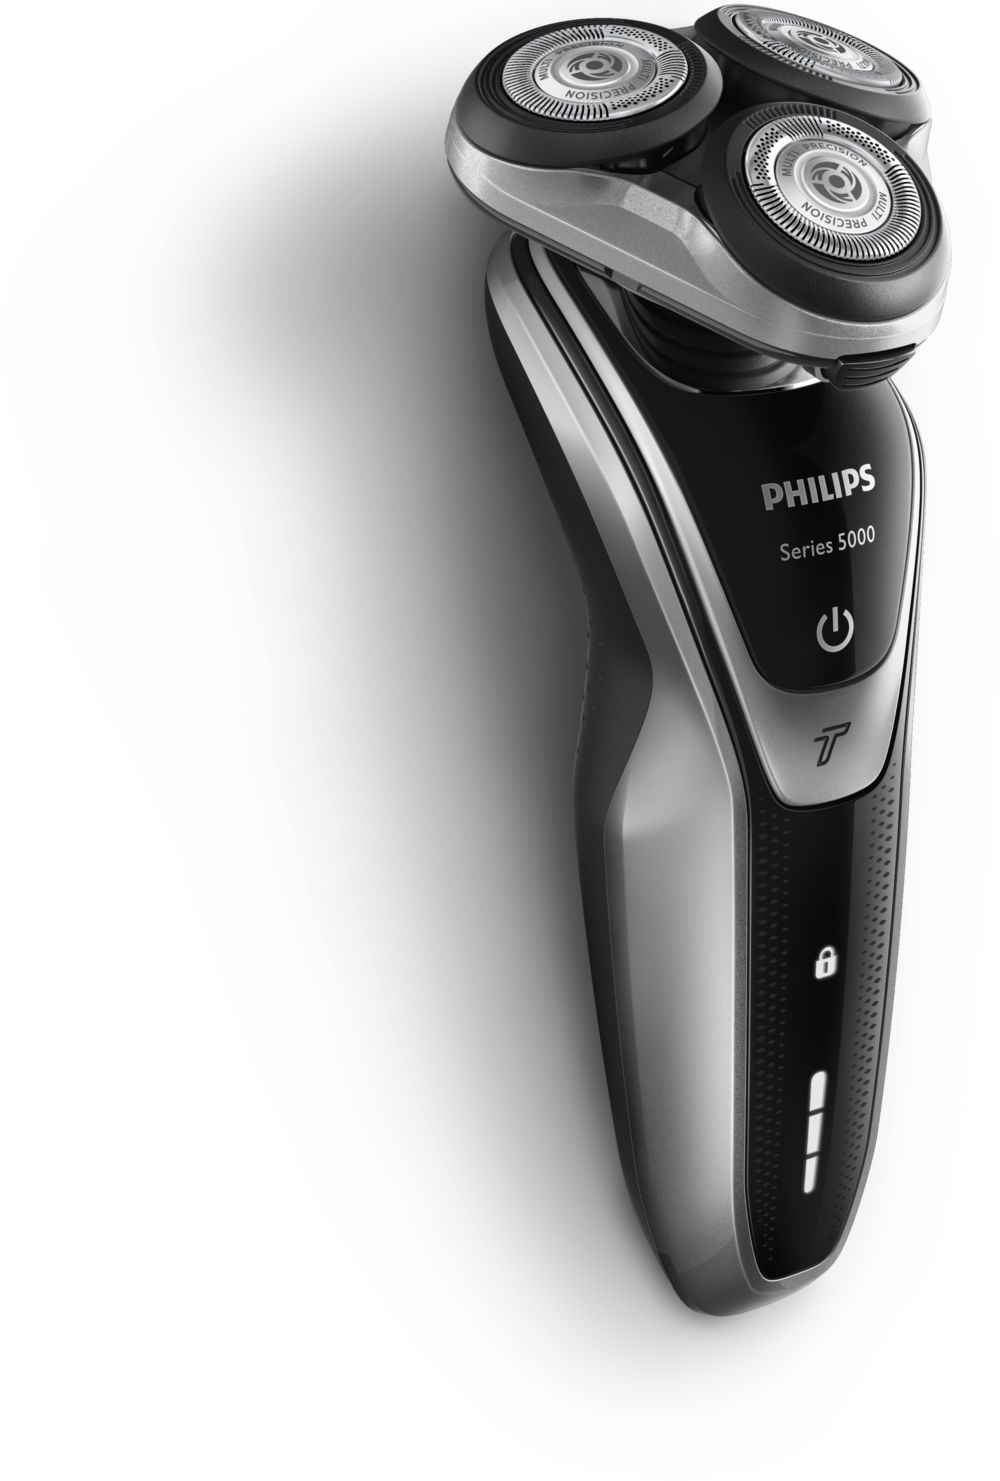 Philips Series 5000 S5320/06 Rasierer Netz-/Akkubetrieb Turbomodus abwaschbar für 109,99 Euro